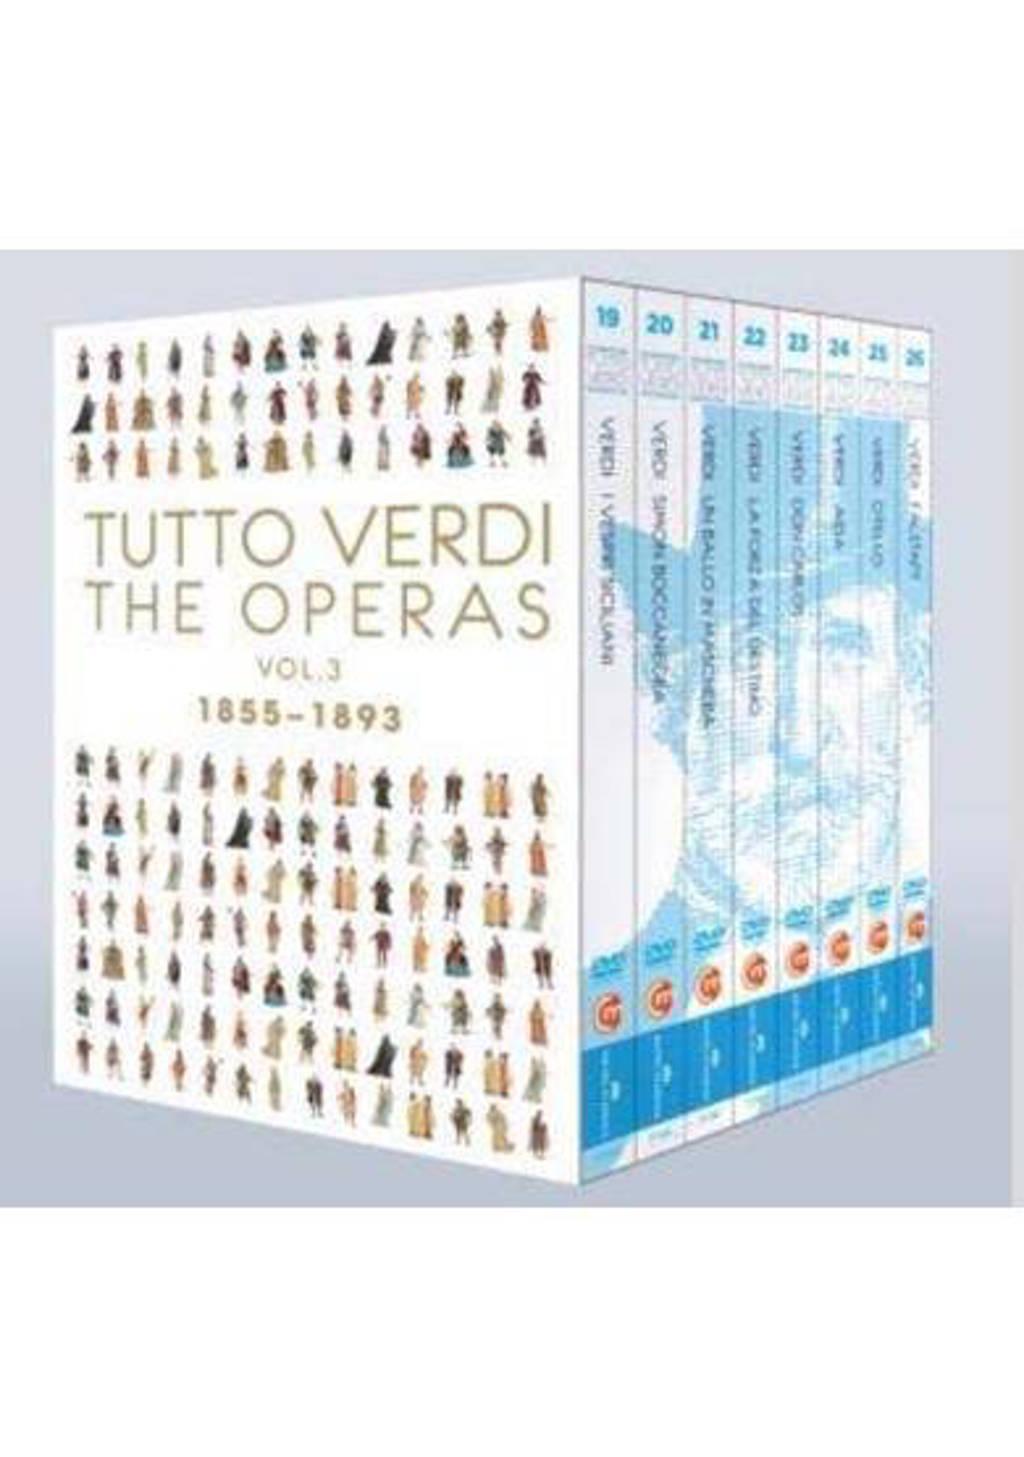 Nucci,Armiliato,Prestia E.A. - Tutto Verdi Era Box 3, 1855-1893, B (Blu-ray)